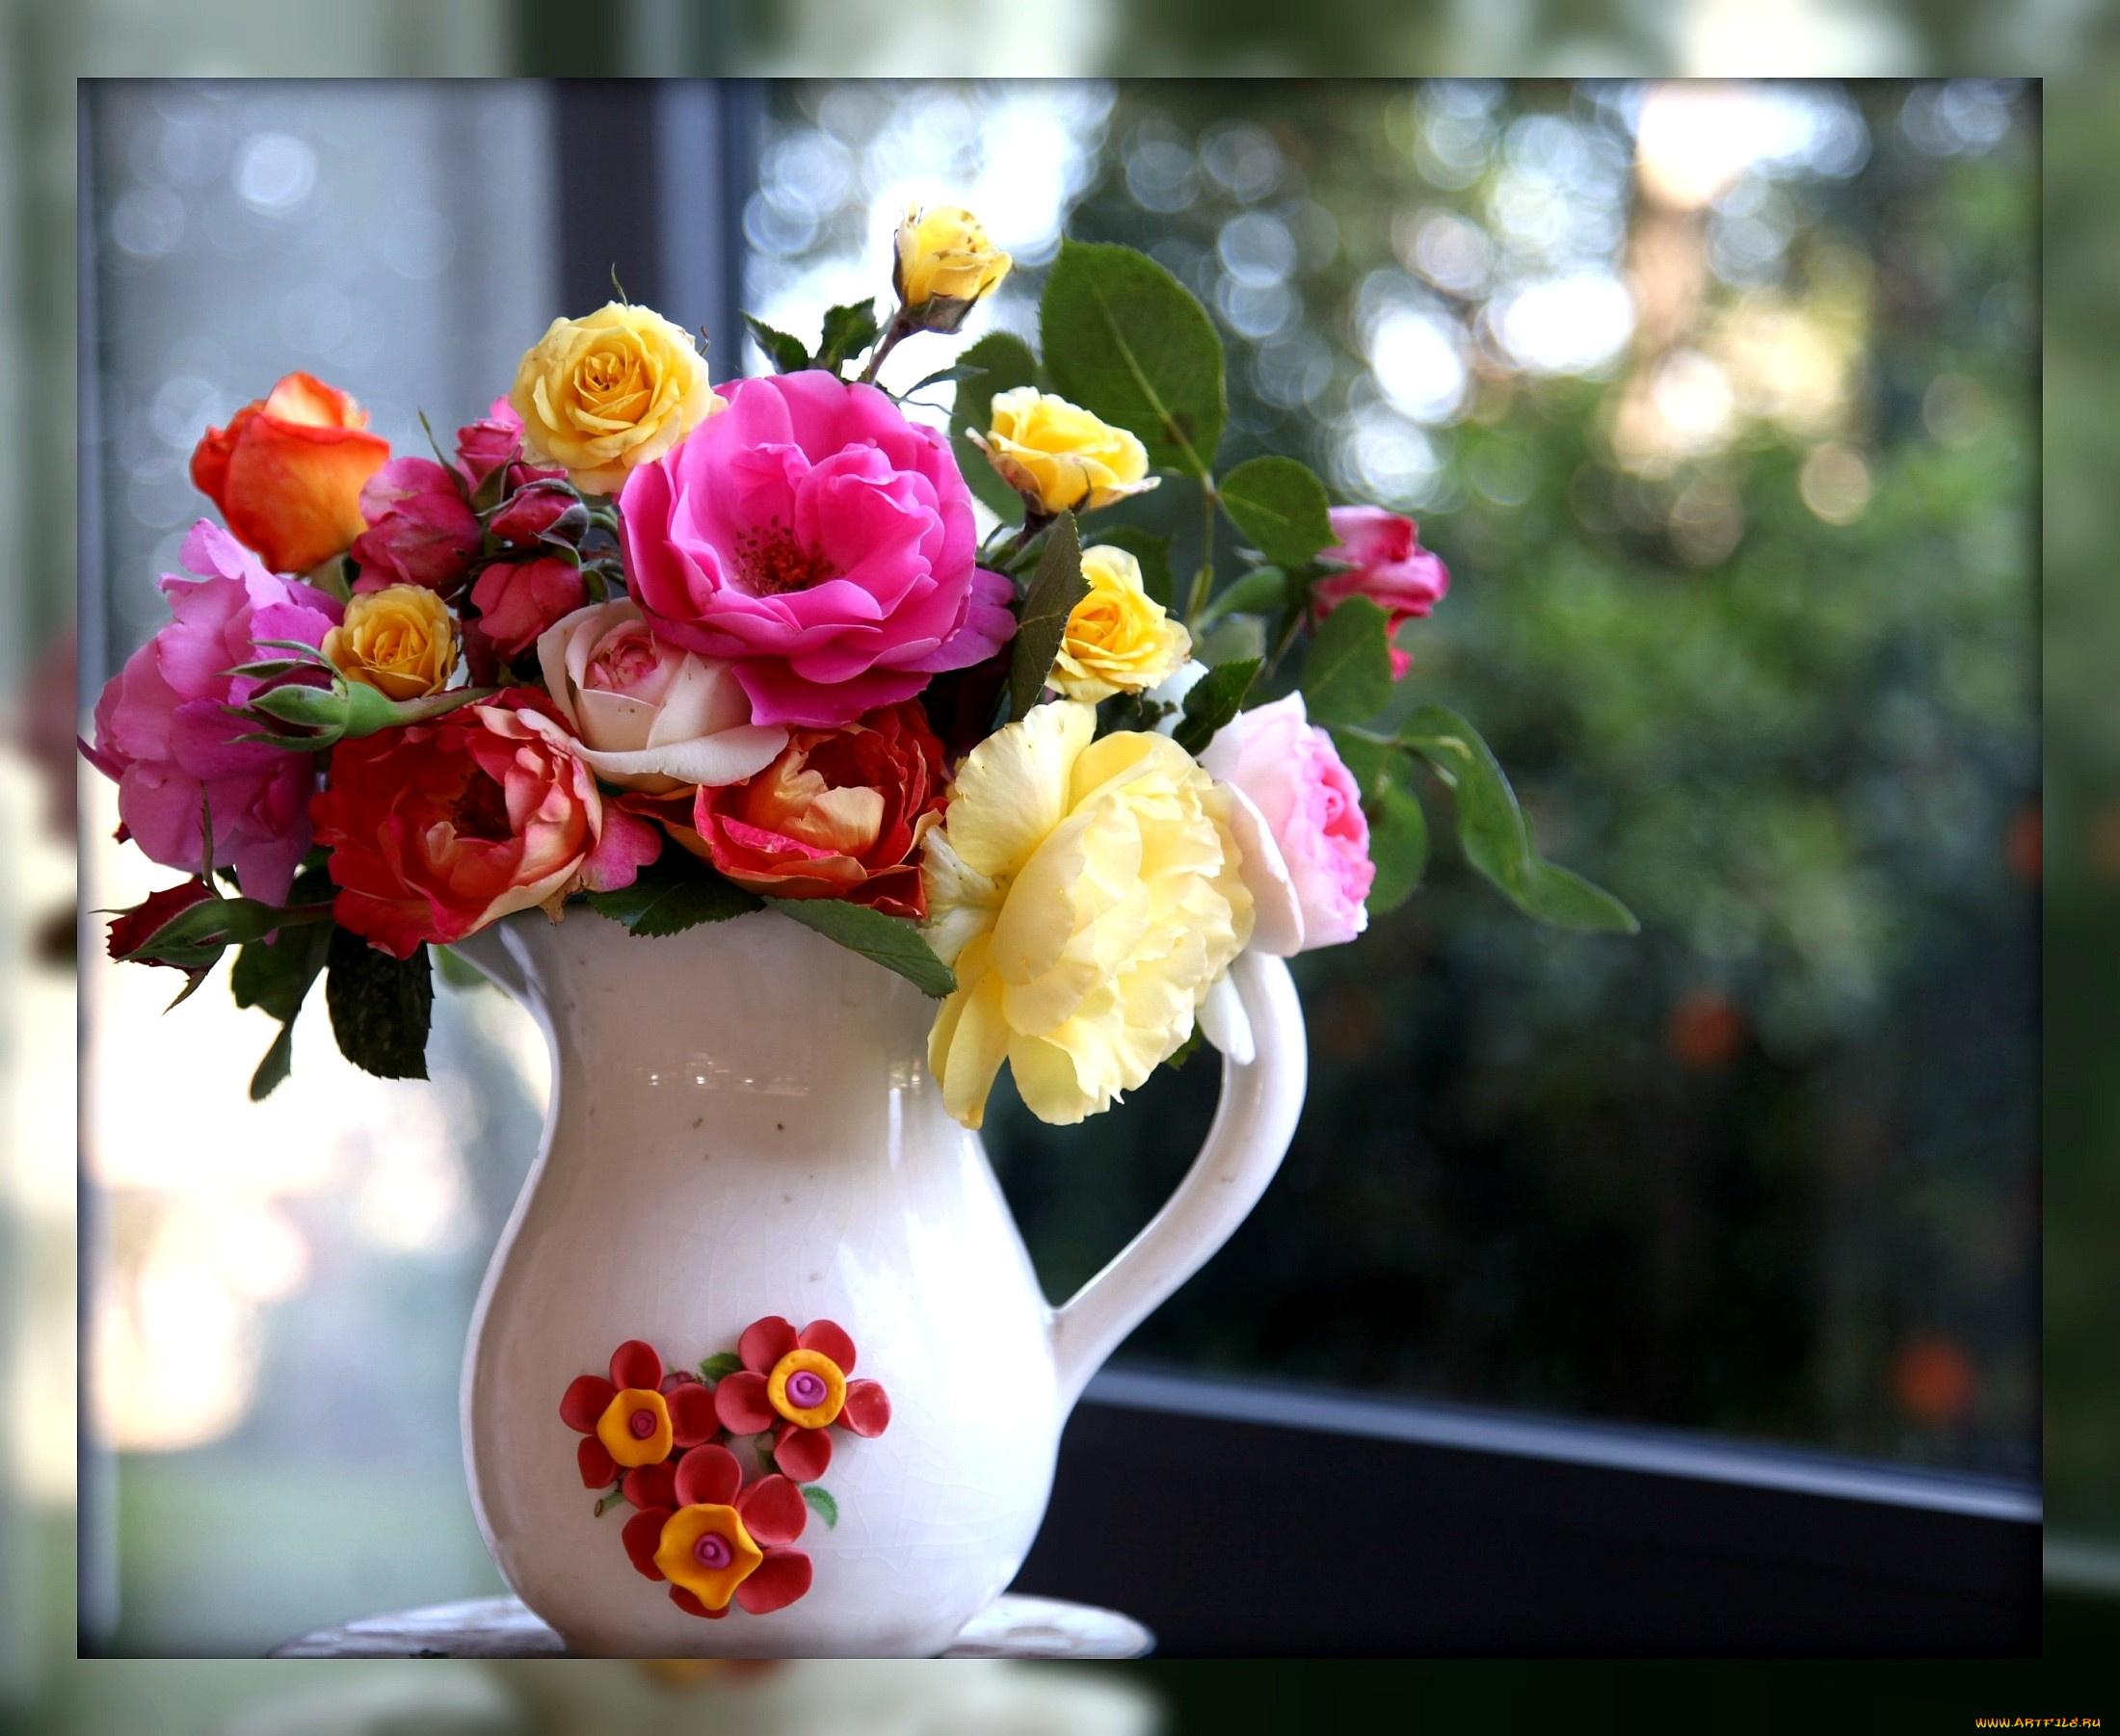 Картинка букет цветов в вазе, которые